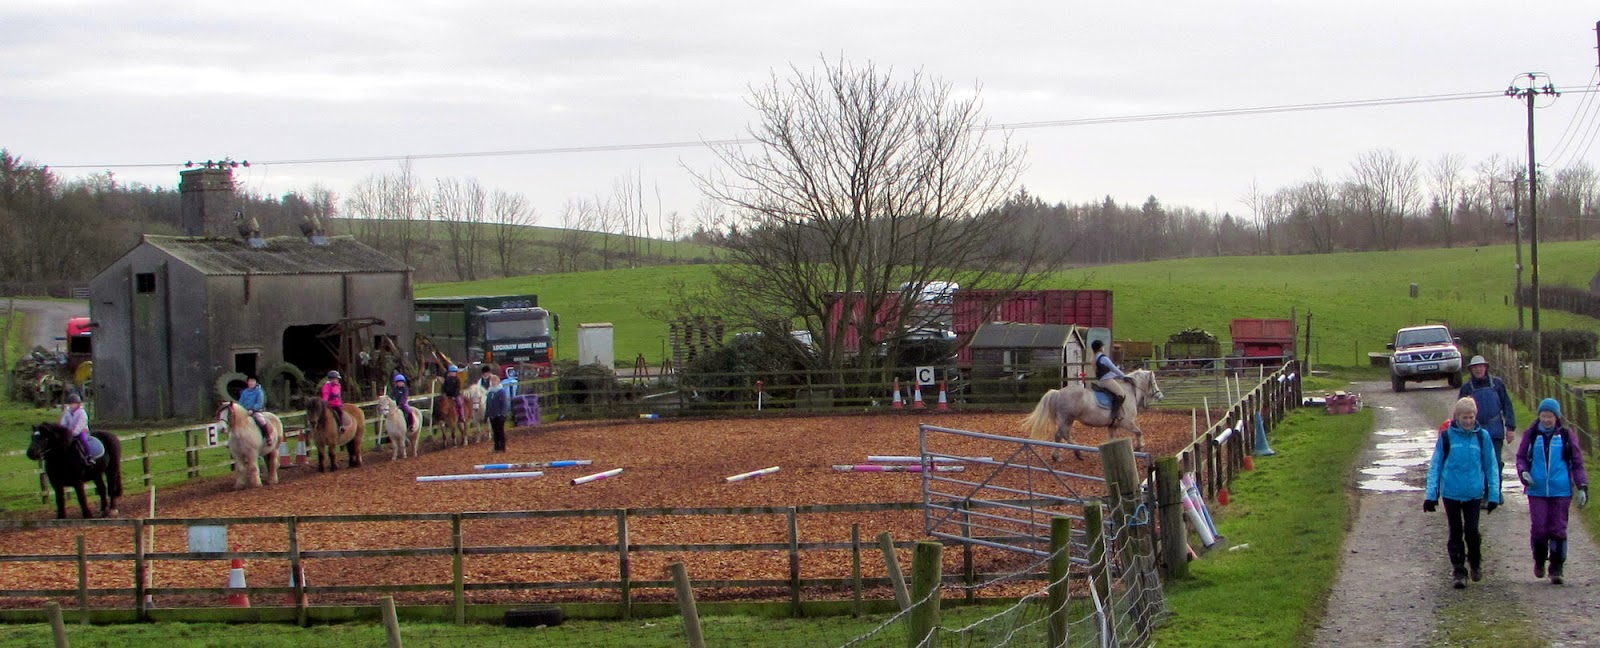 Lochnaw home farm ideas.